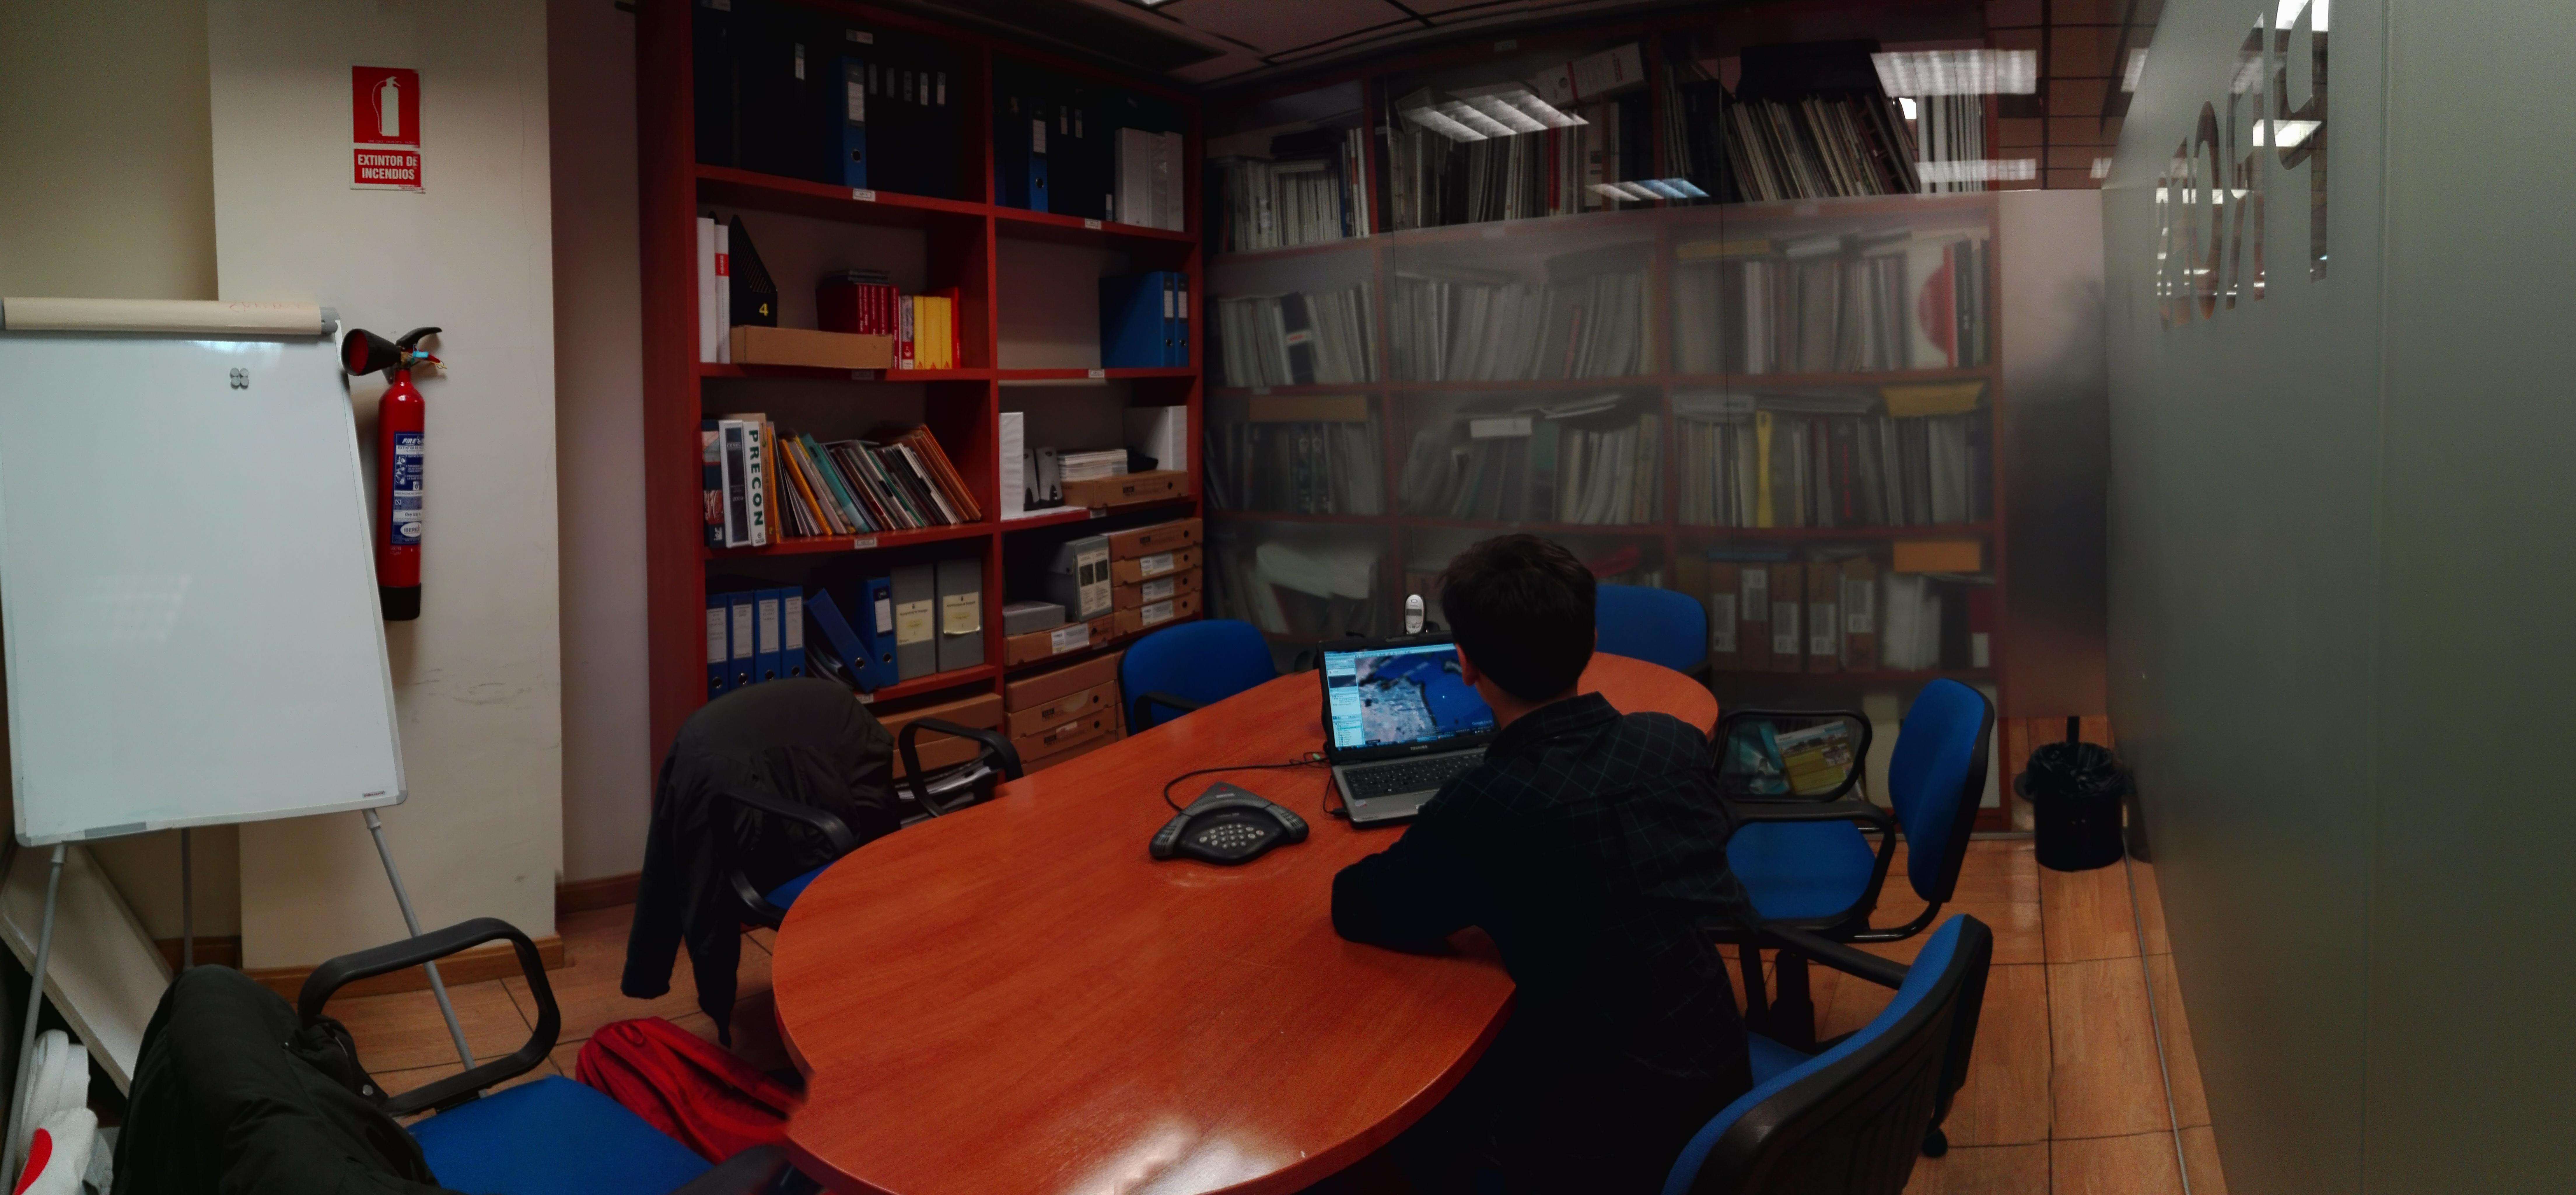 MV participa en 4º ESO + Empresa Colegio maría virgen bilingüe concertado chamartín